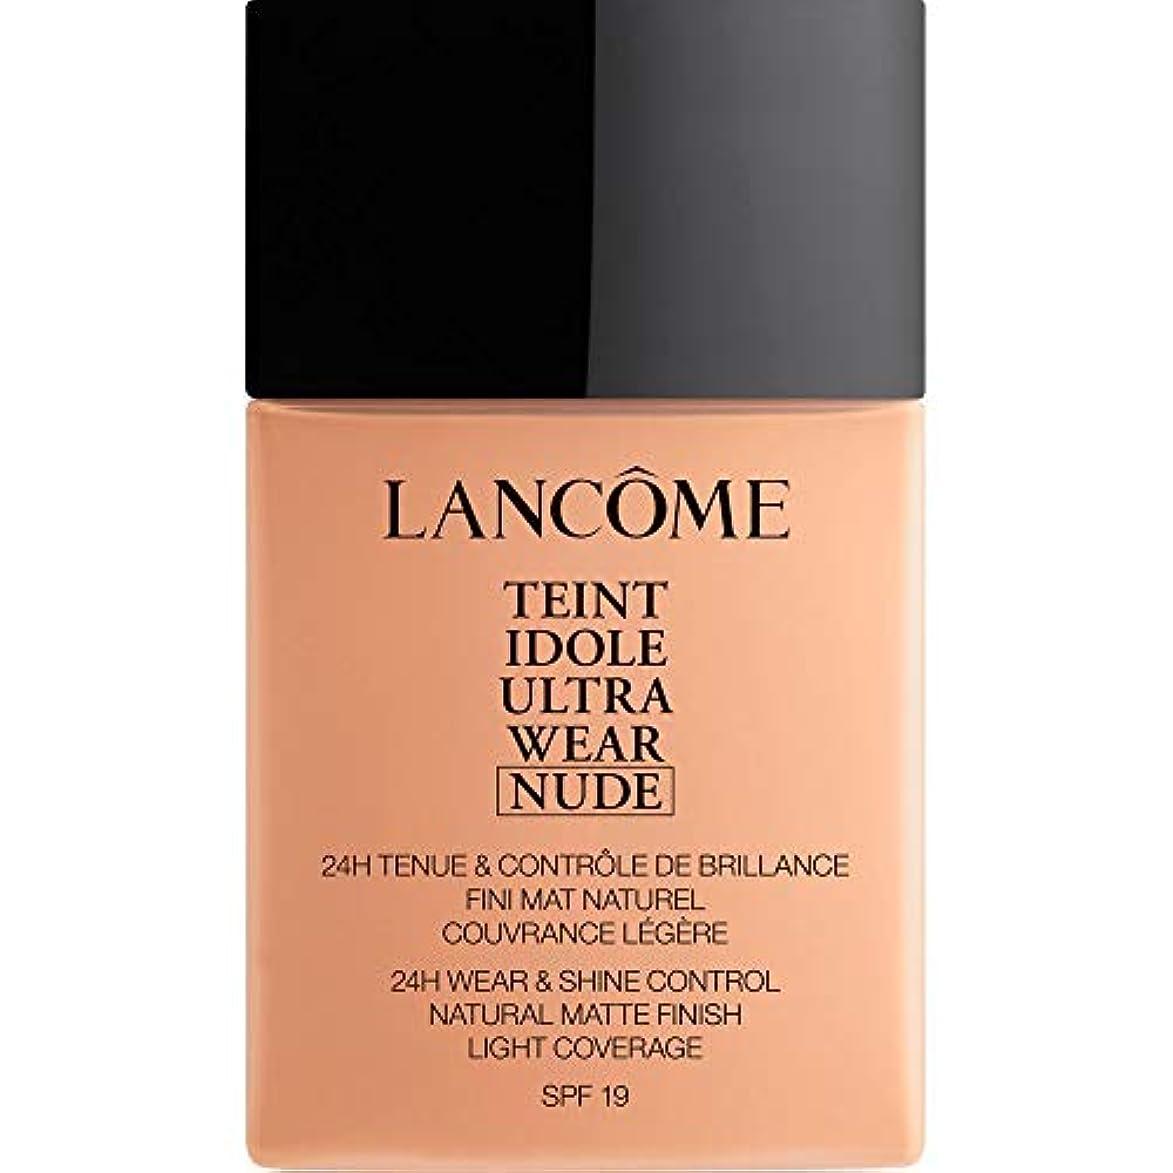 艦隊ショップほめる[Lanc?me ] ランコムTeintのIdole超摩耗ヌード財団Spf19の40ミリリットル038 - ベージュCuivre - Lancome Teint Idole Ultra Wear Nude Foundation...